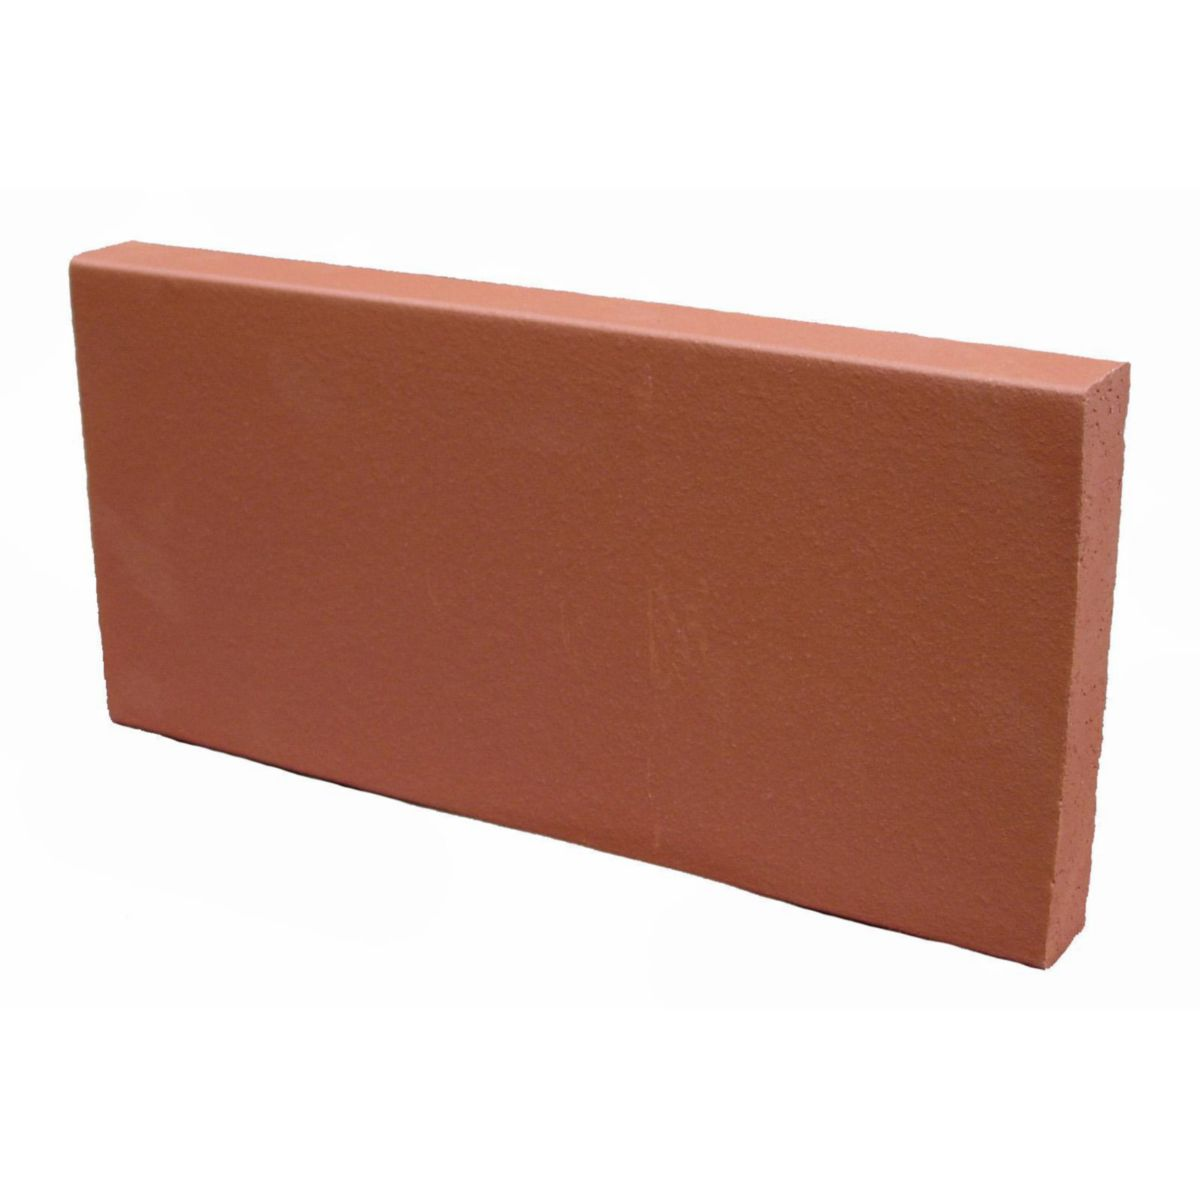 Brique Pleine Cayrou Terre Cuite Rouge 50x110x440 Mm